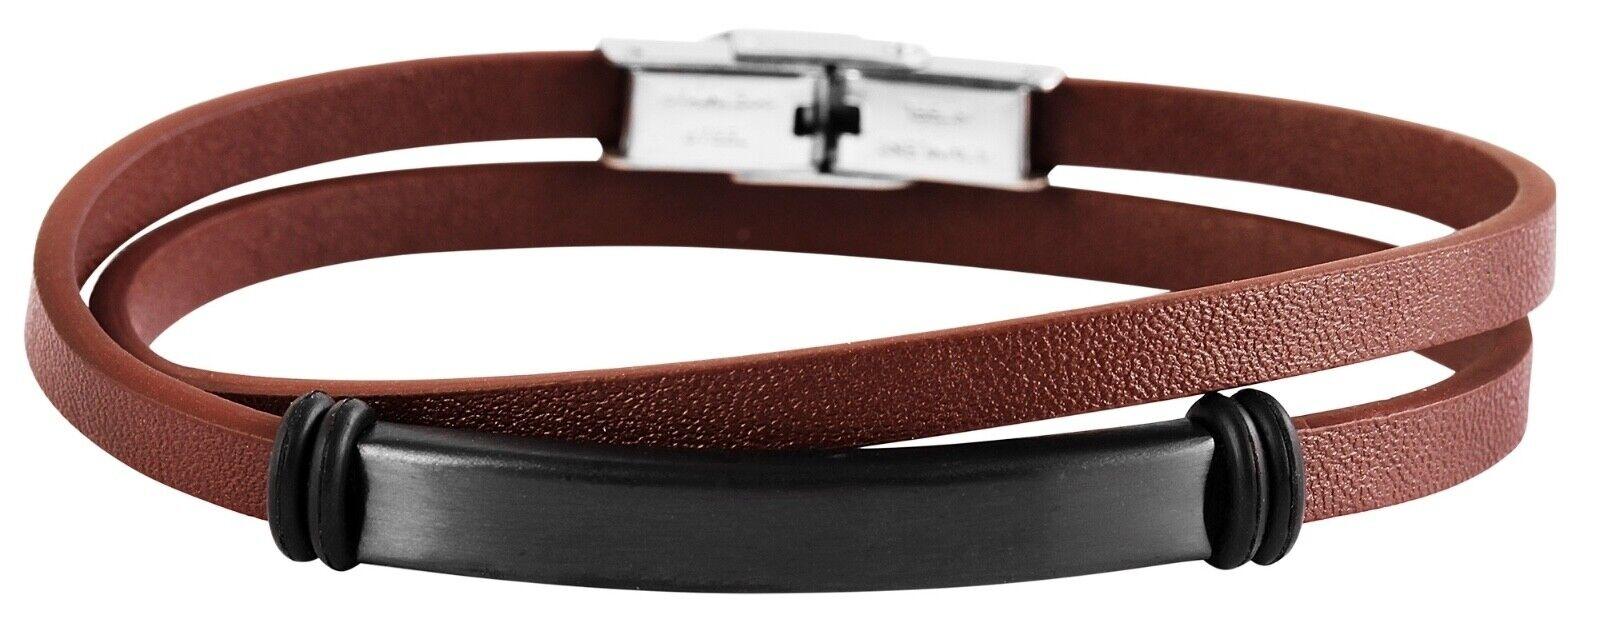 Wickelarmband - Modell 4